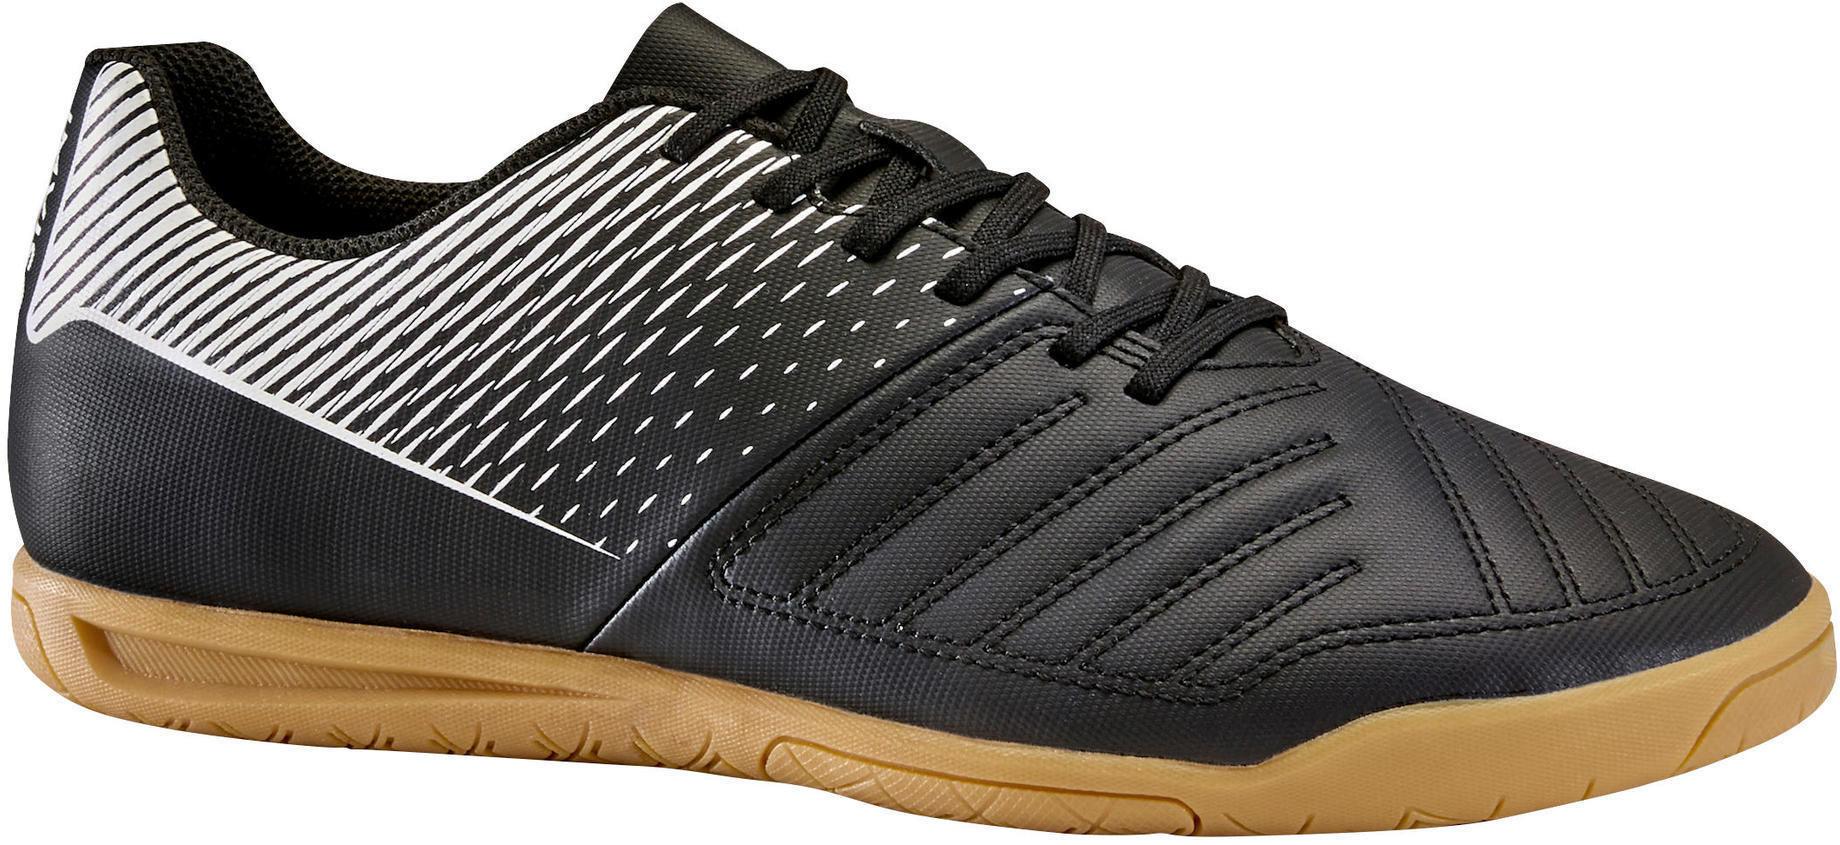 Buty halowe do piłki nożnej dla dorosłych Imviso Futsal 100